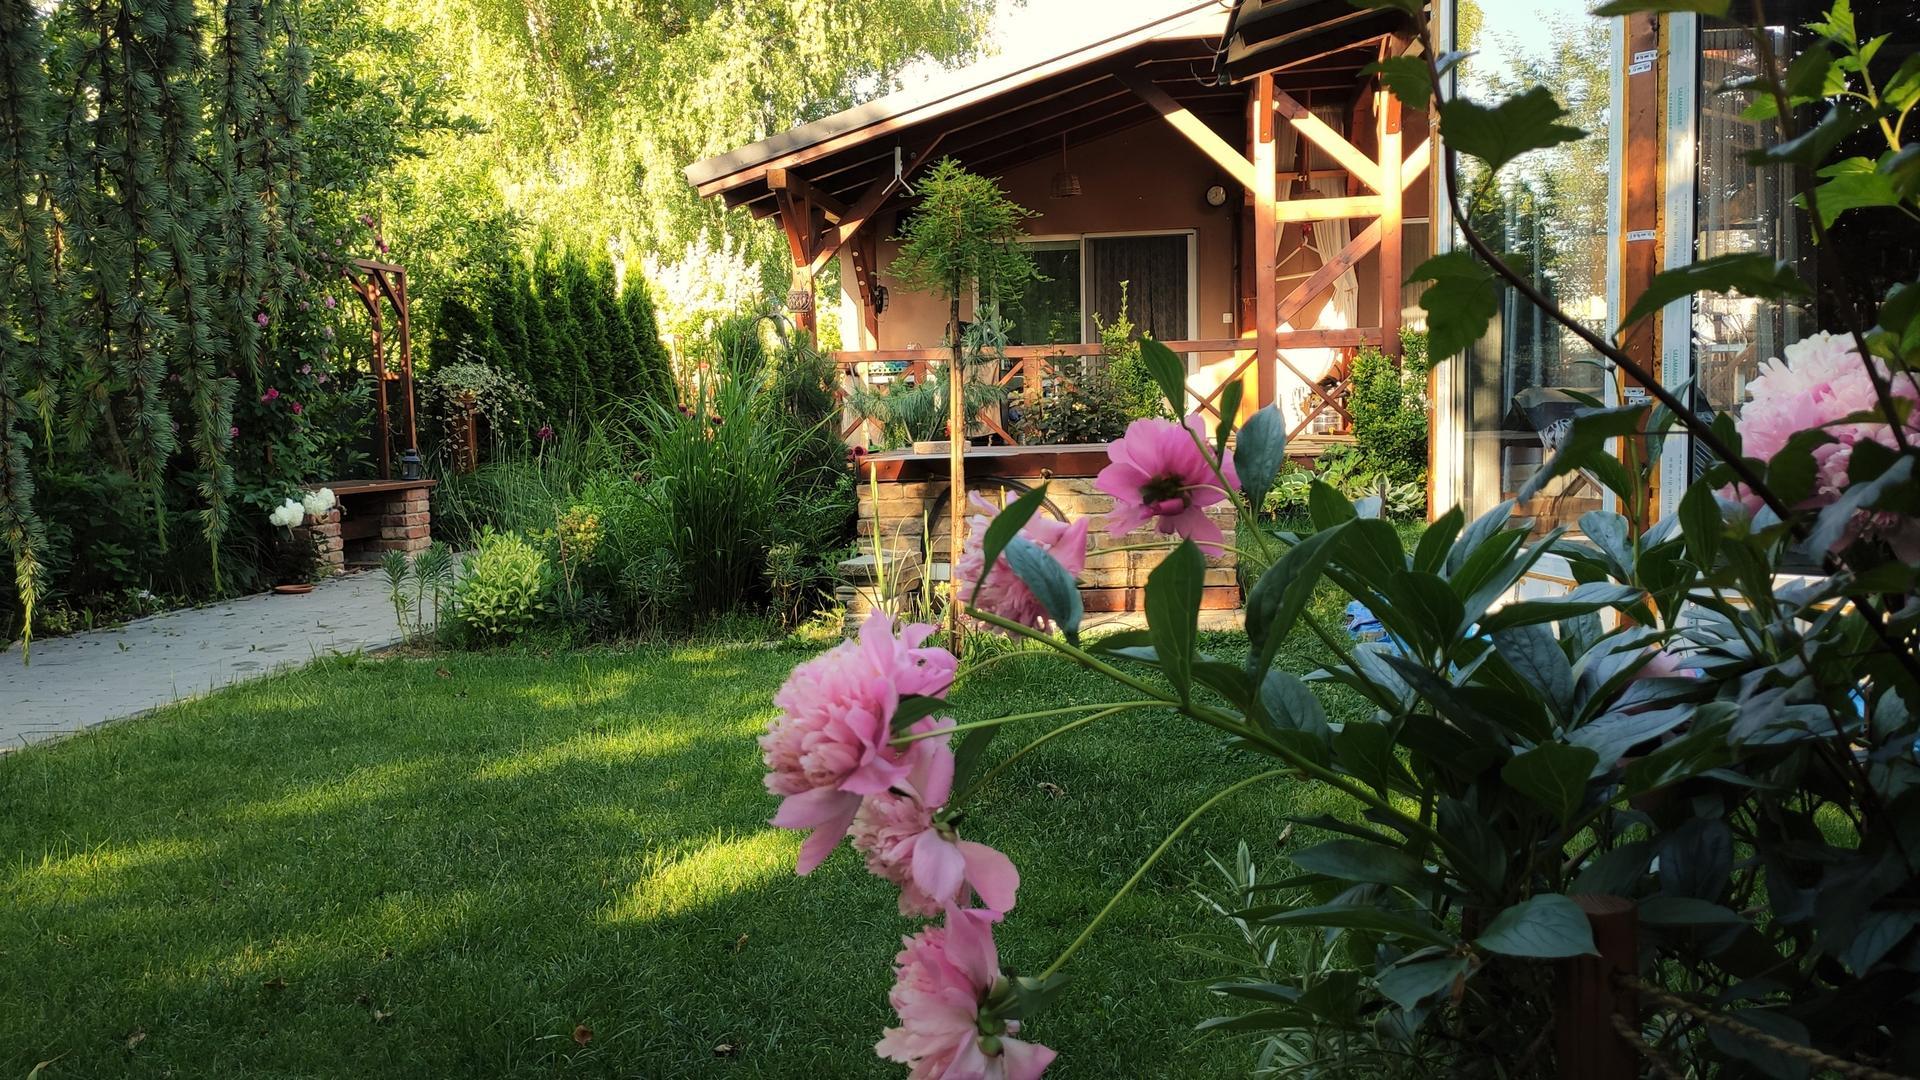 Relaxačný domček sauna a oddychová miestnosť ... plány, príprava a realizácia - Obrázok č. 243